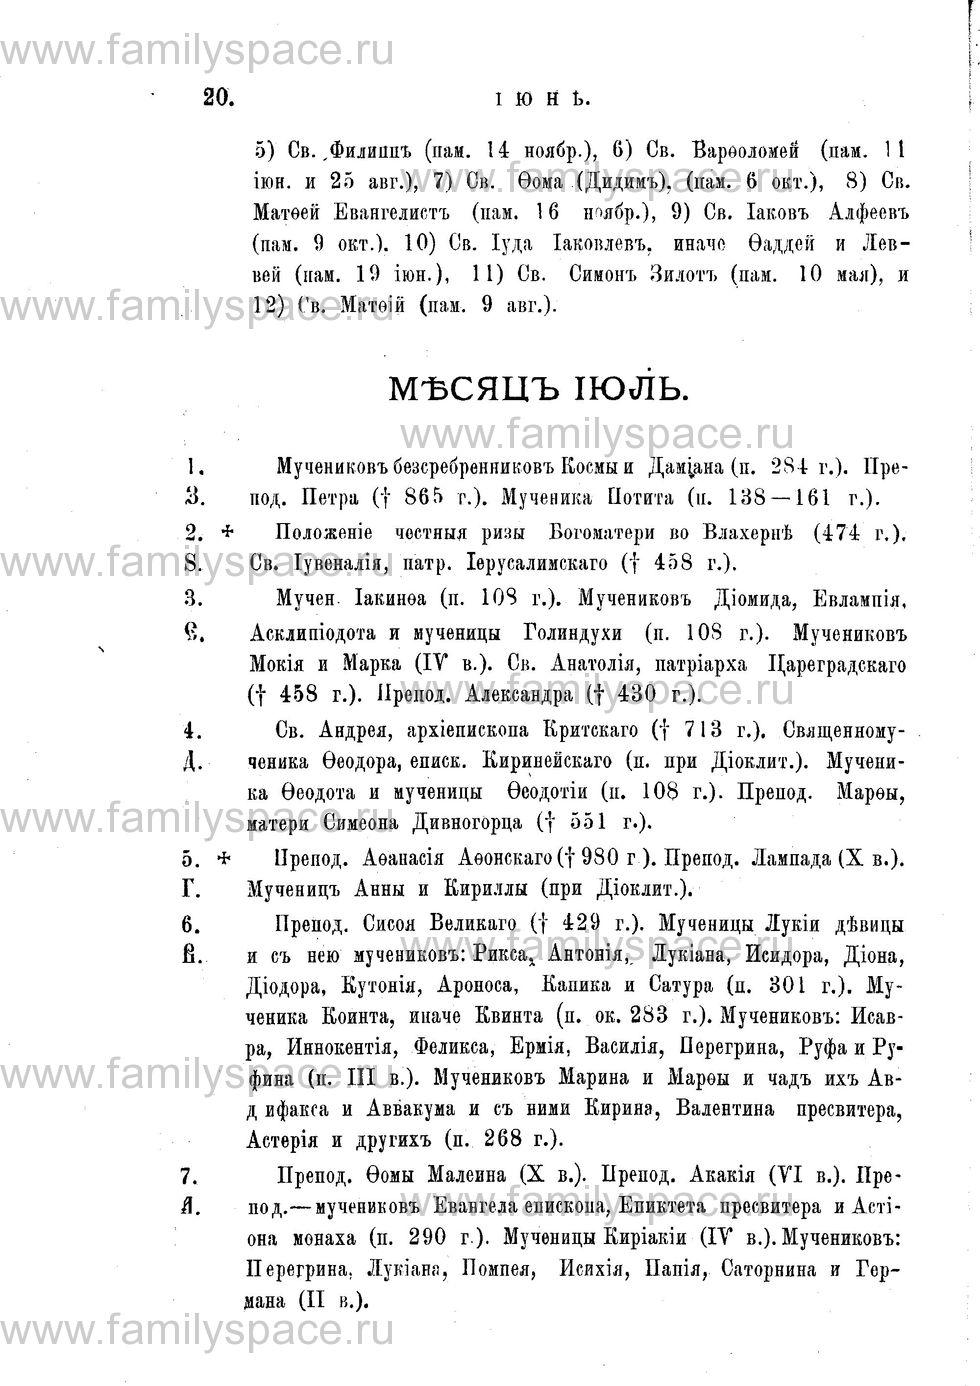 Поиск по фамилии - Адрес-календарь Нижегородской епархии на 1888 год, страница 1020